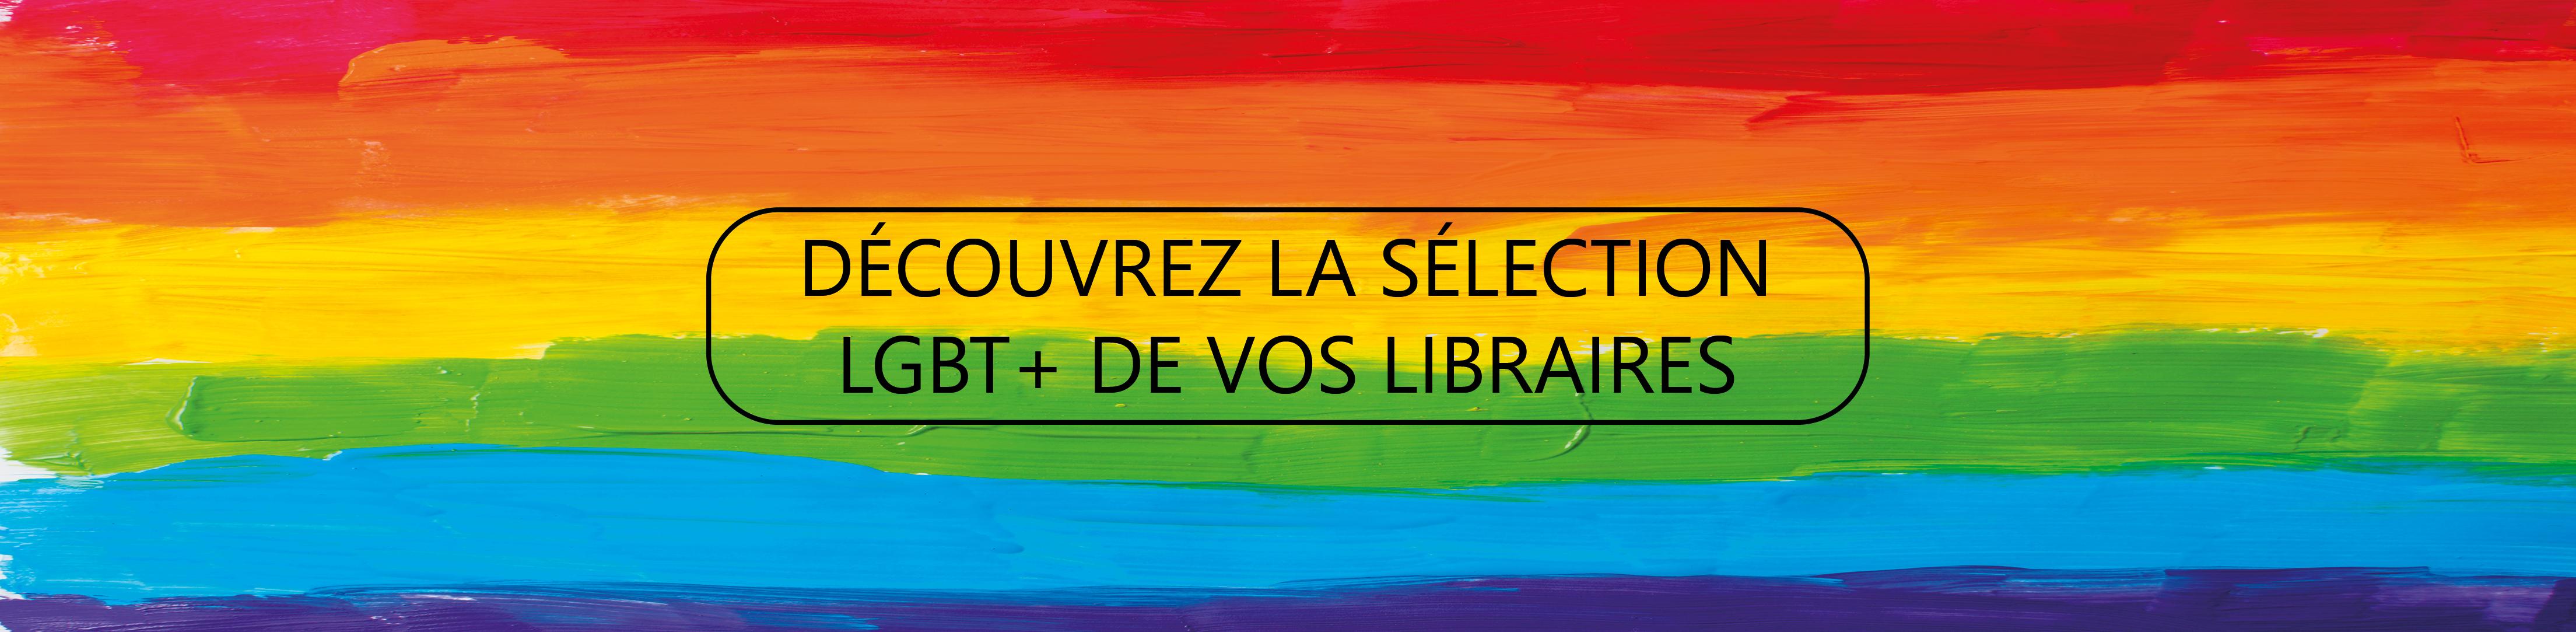 La sélection LGBT + de vos libraires Sauramps